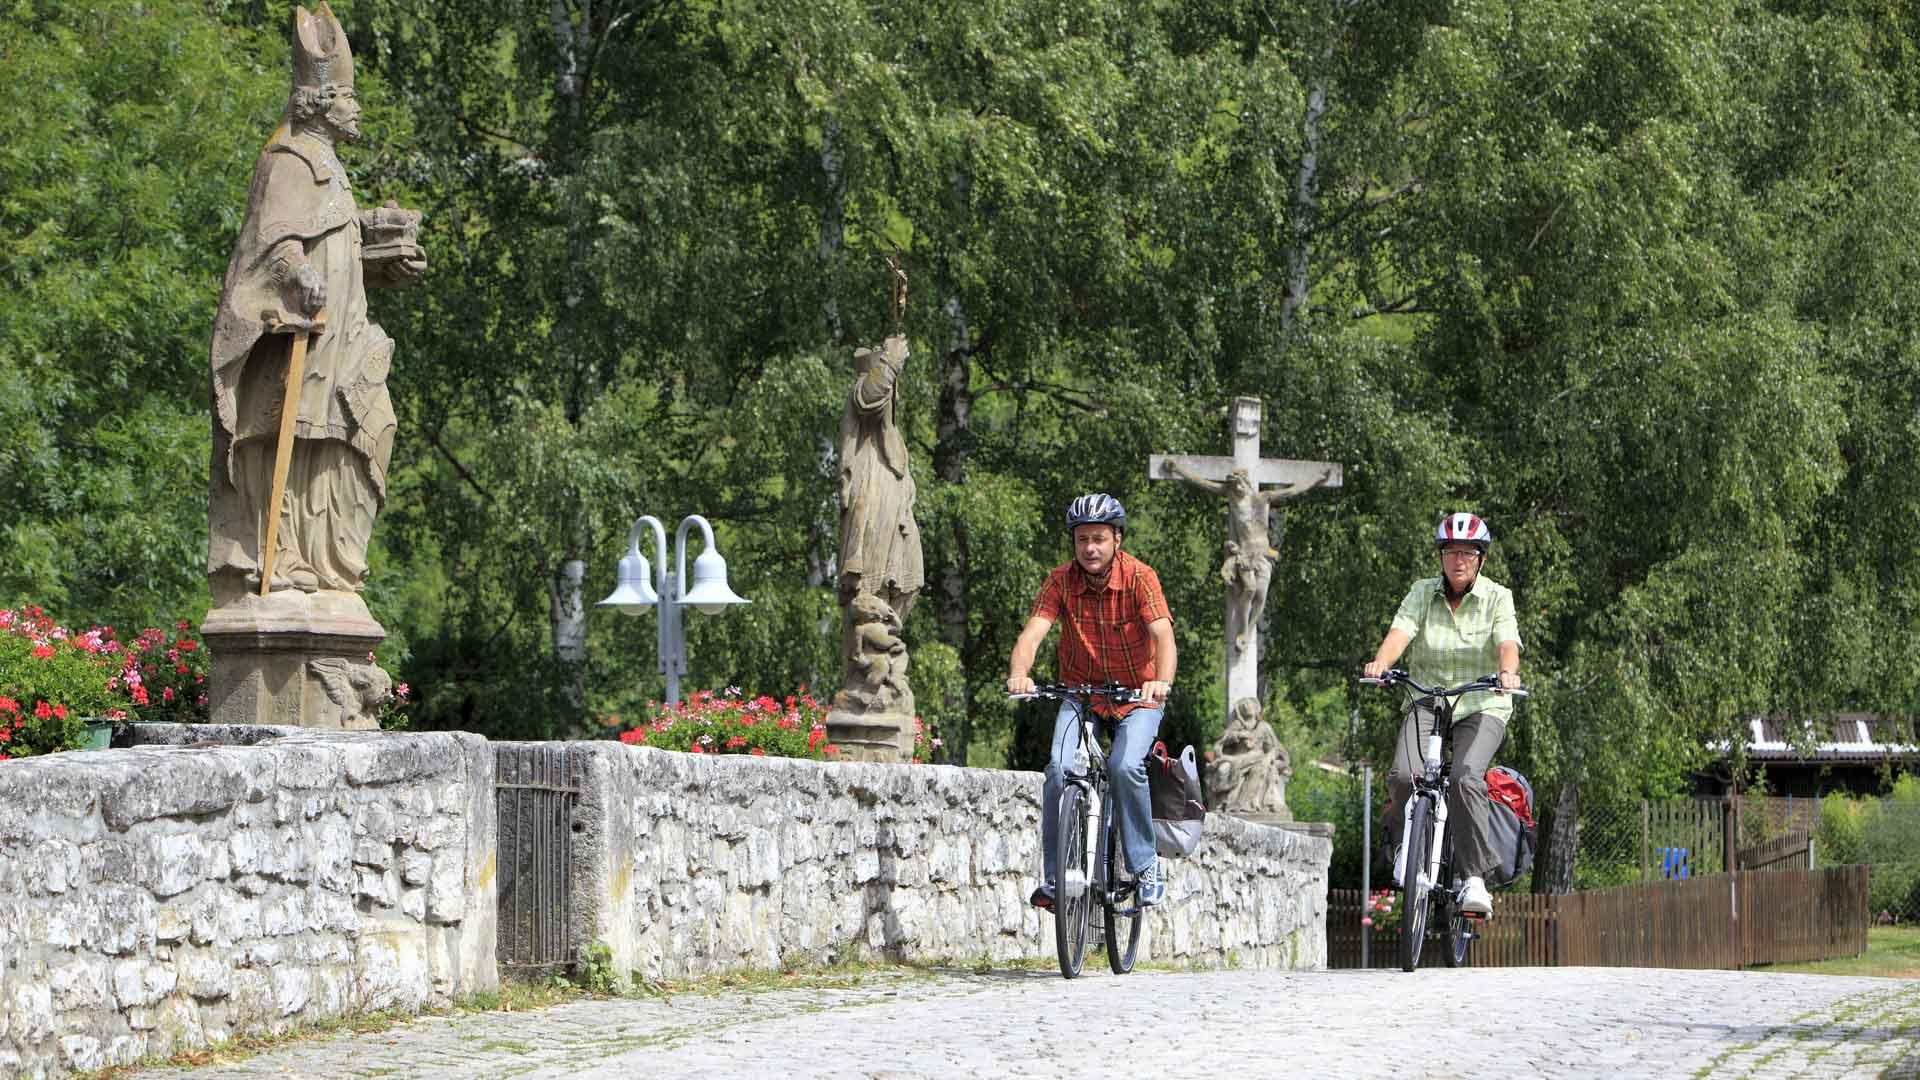 Fietsers bij Gerlachsheim in het Liebliches Taubertal